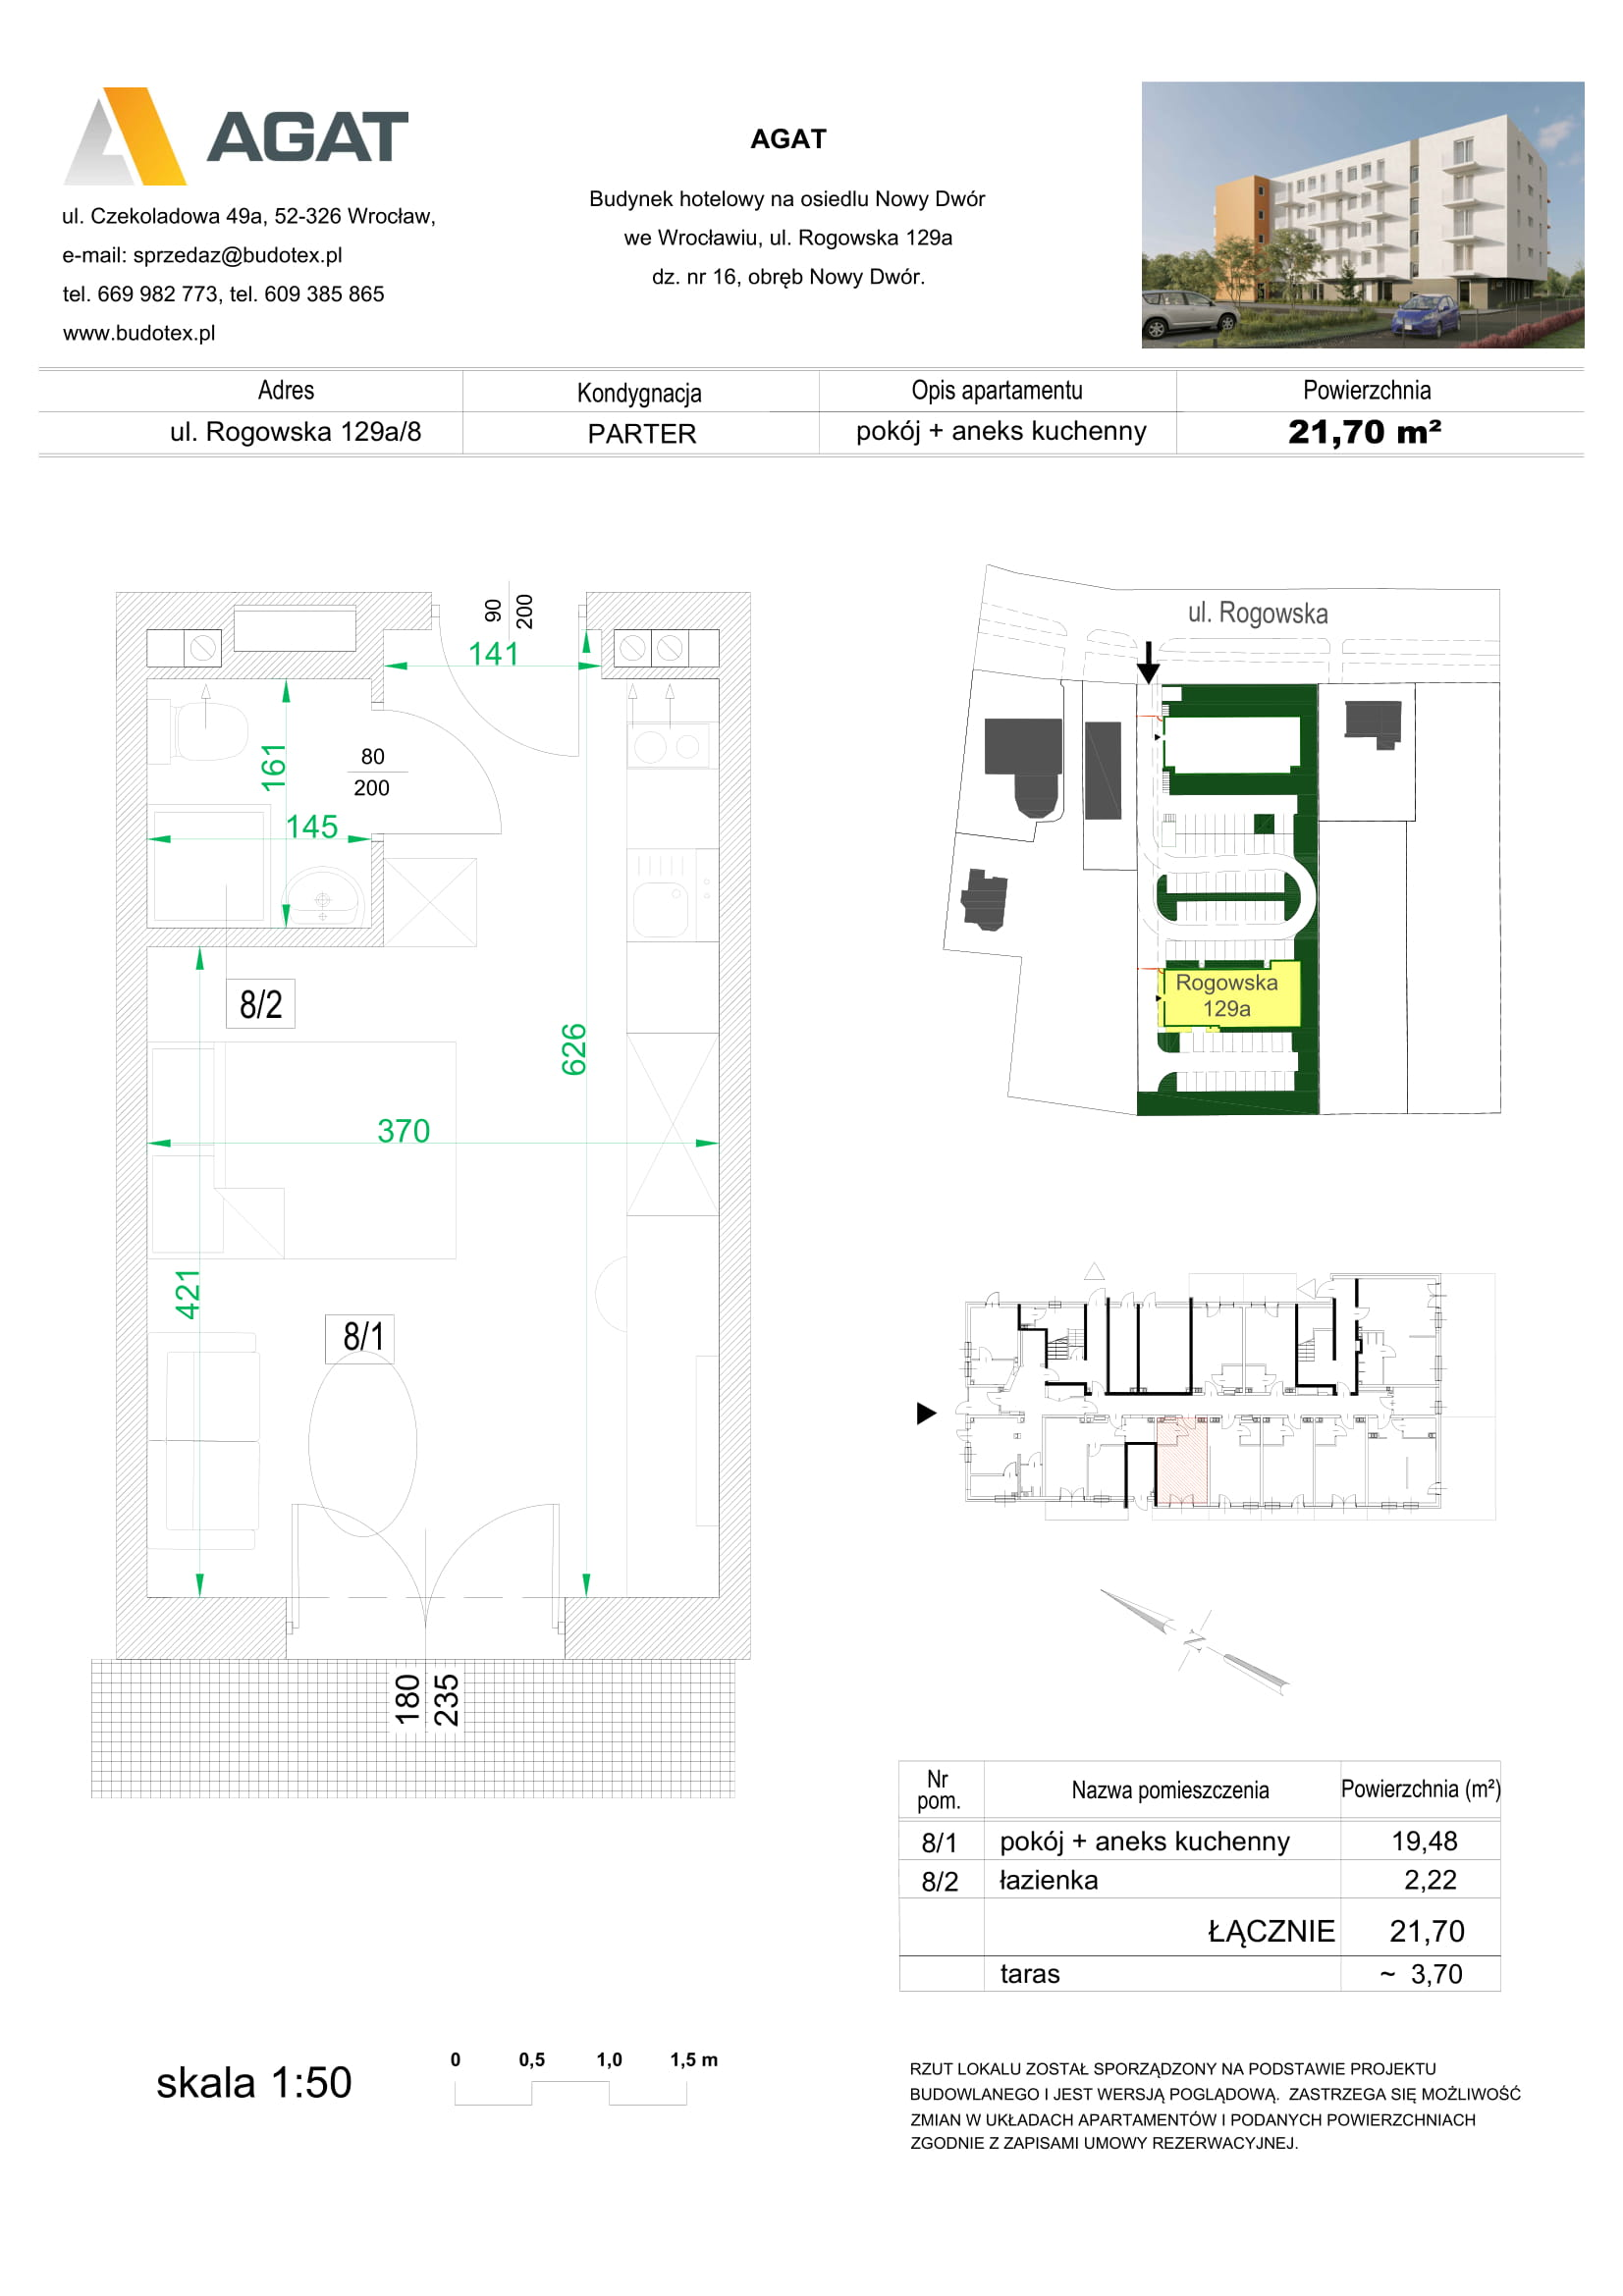 Mieszkanie nr 8